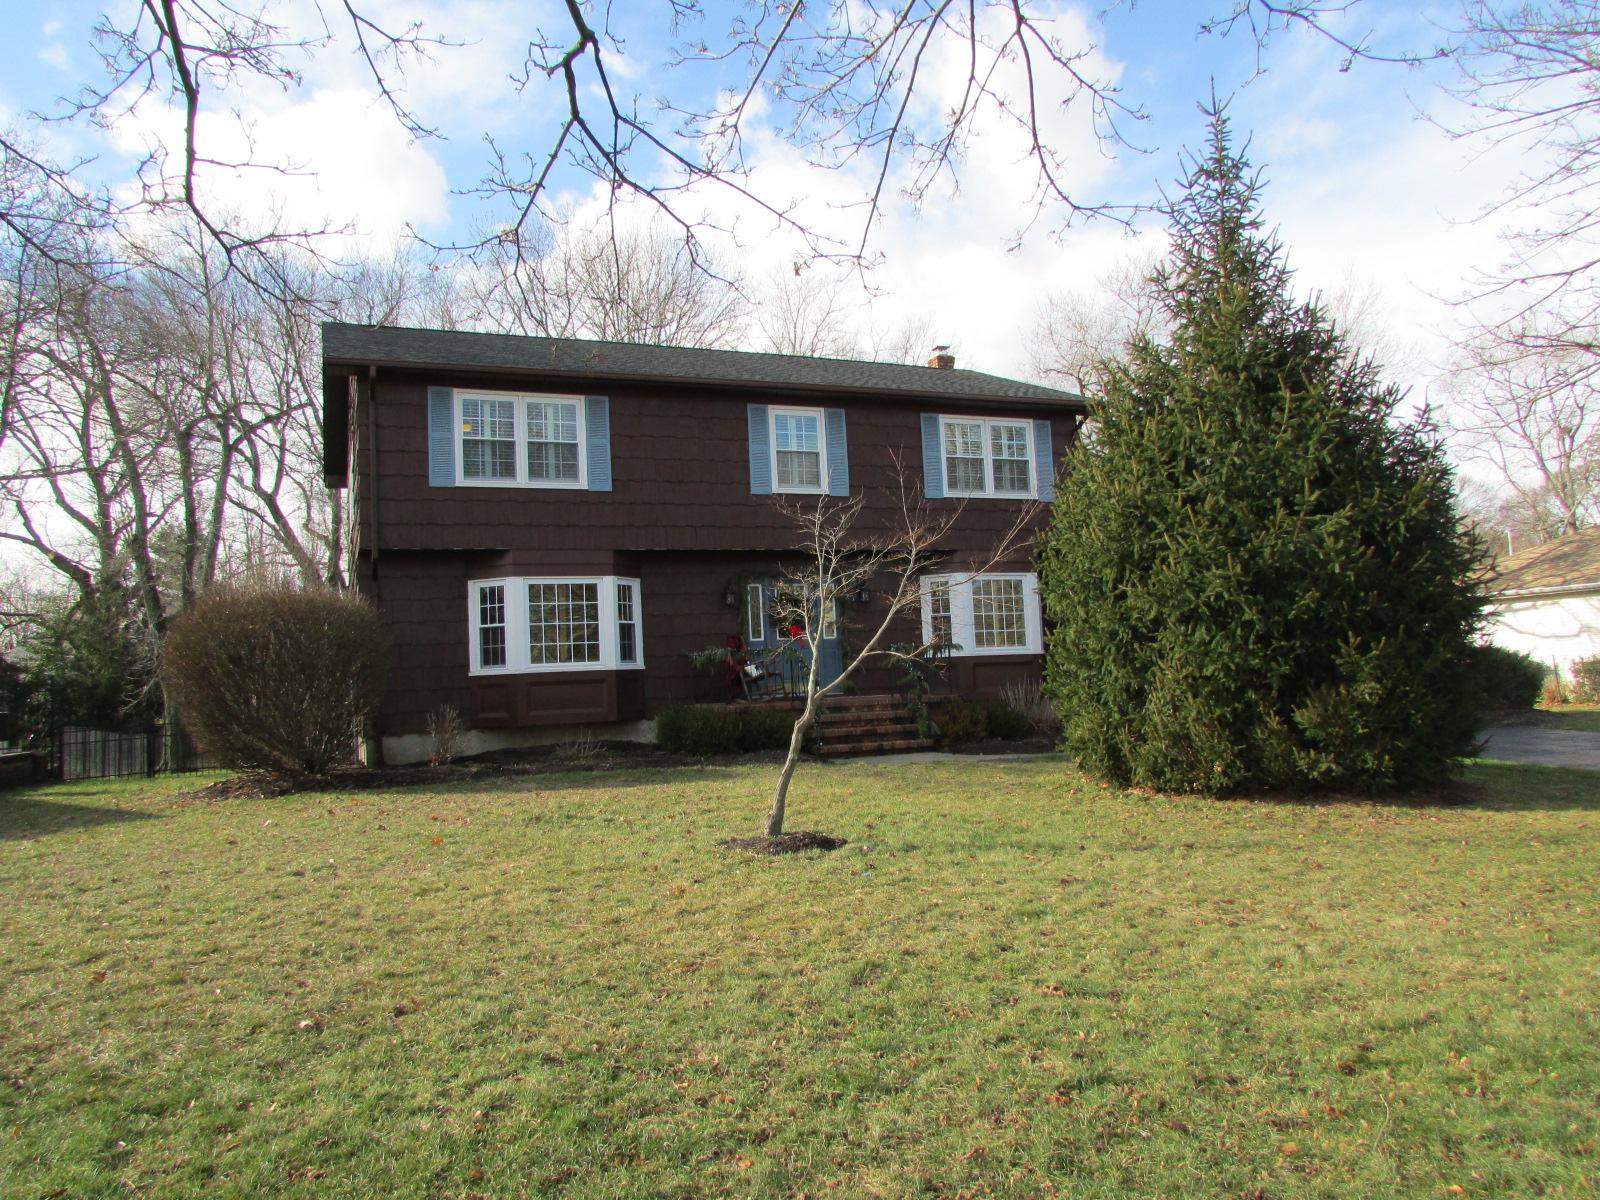 Частный односемейный дом для того Продажа на 23 Jeryl Street Eatontown, Нью-Джерси 07724 Соединенные Штаты